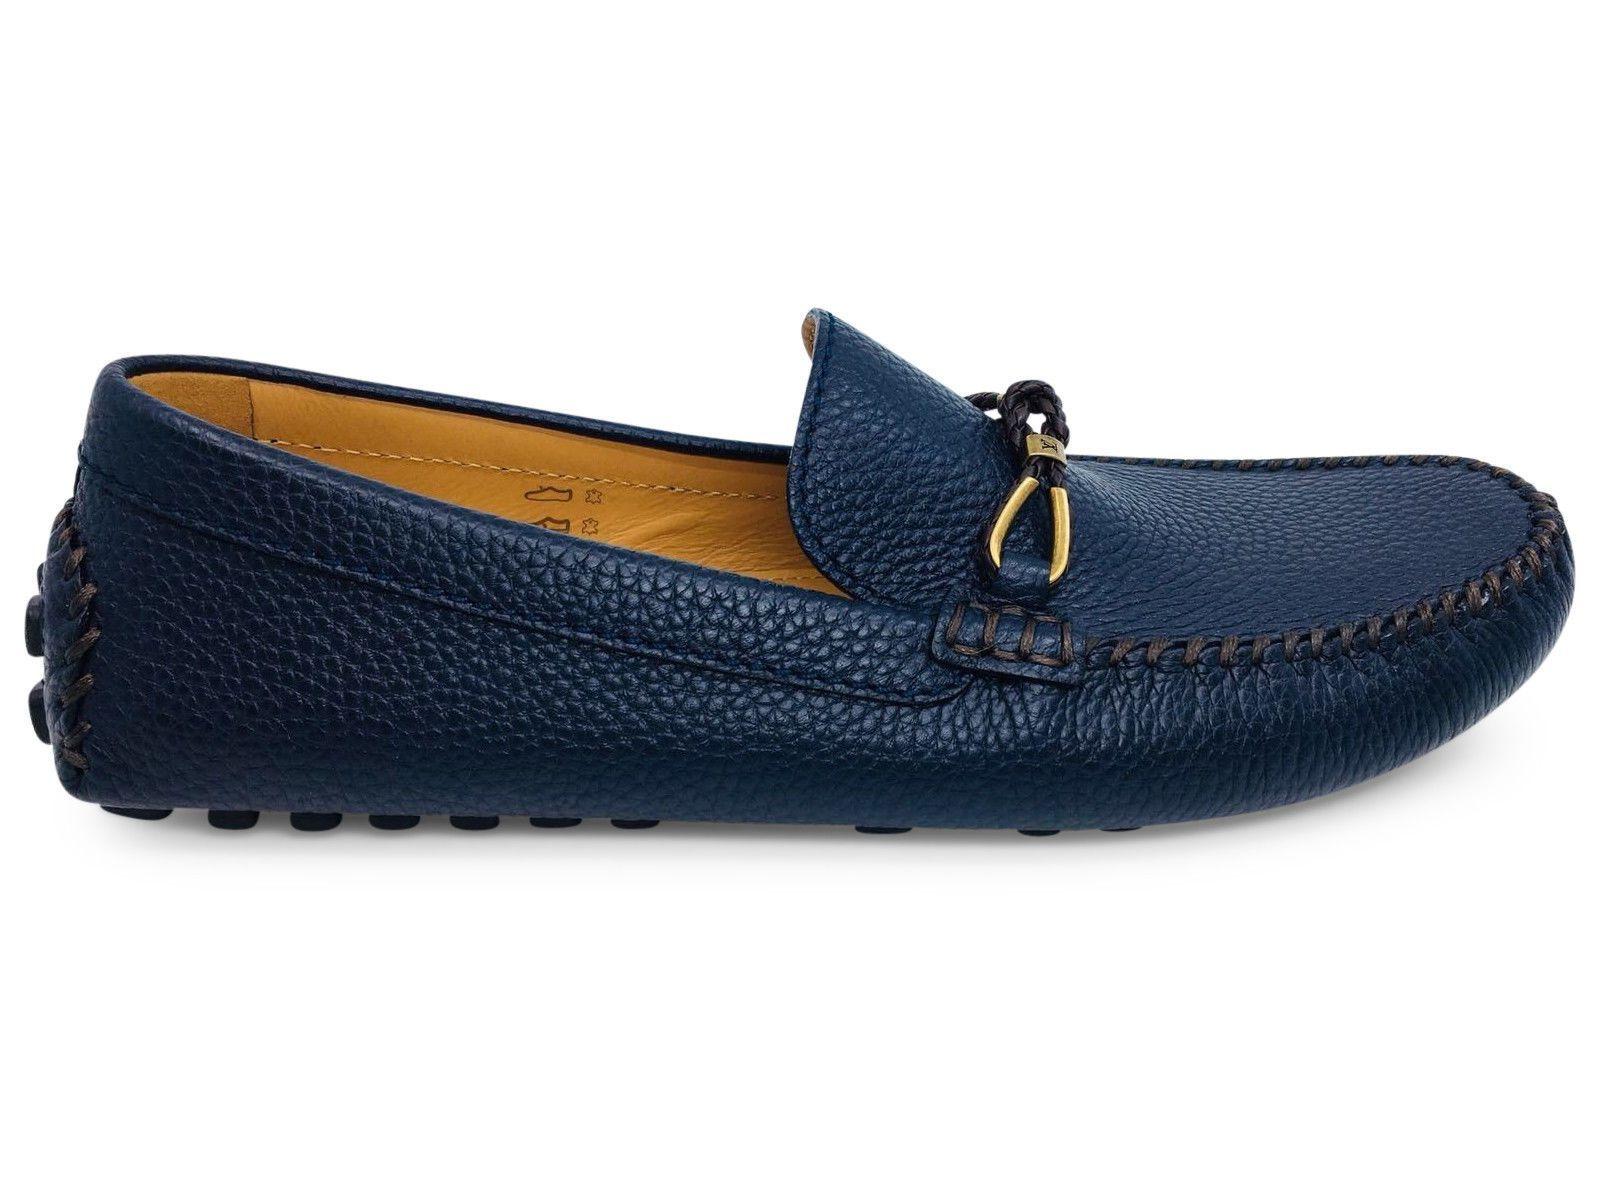 0f536f857aab Louis Vuitton Raspail Car Shoe